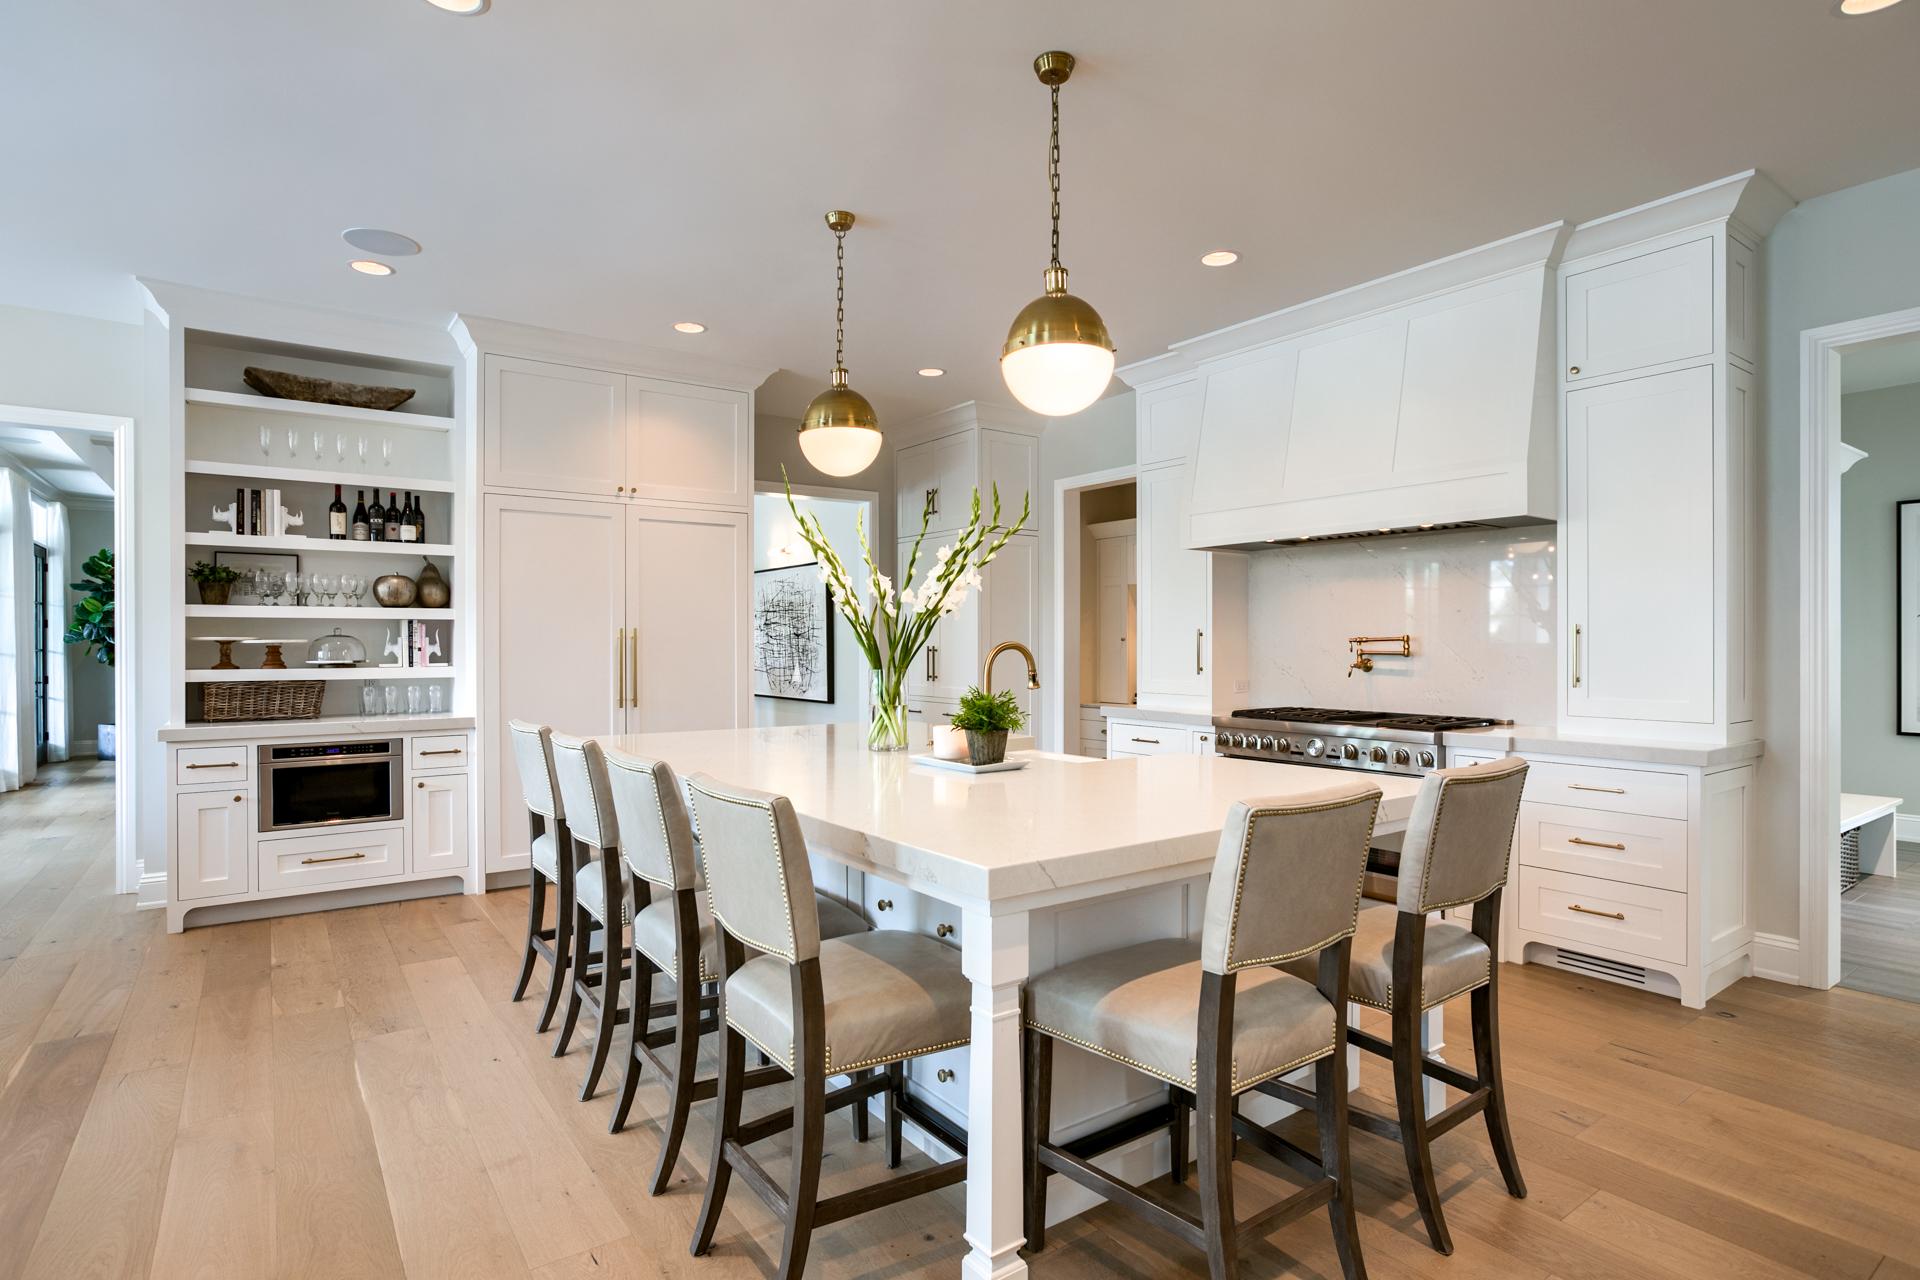 Eurowood White Inset Kitchen